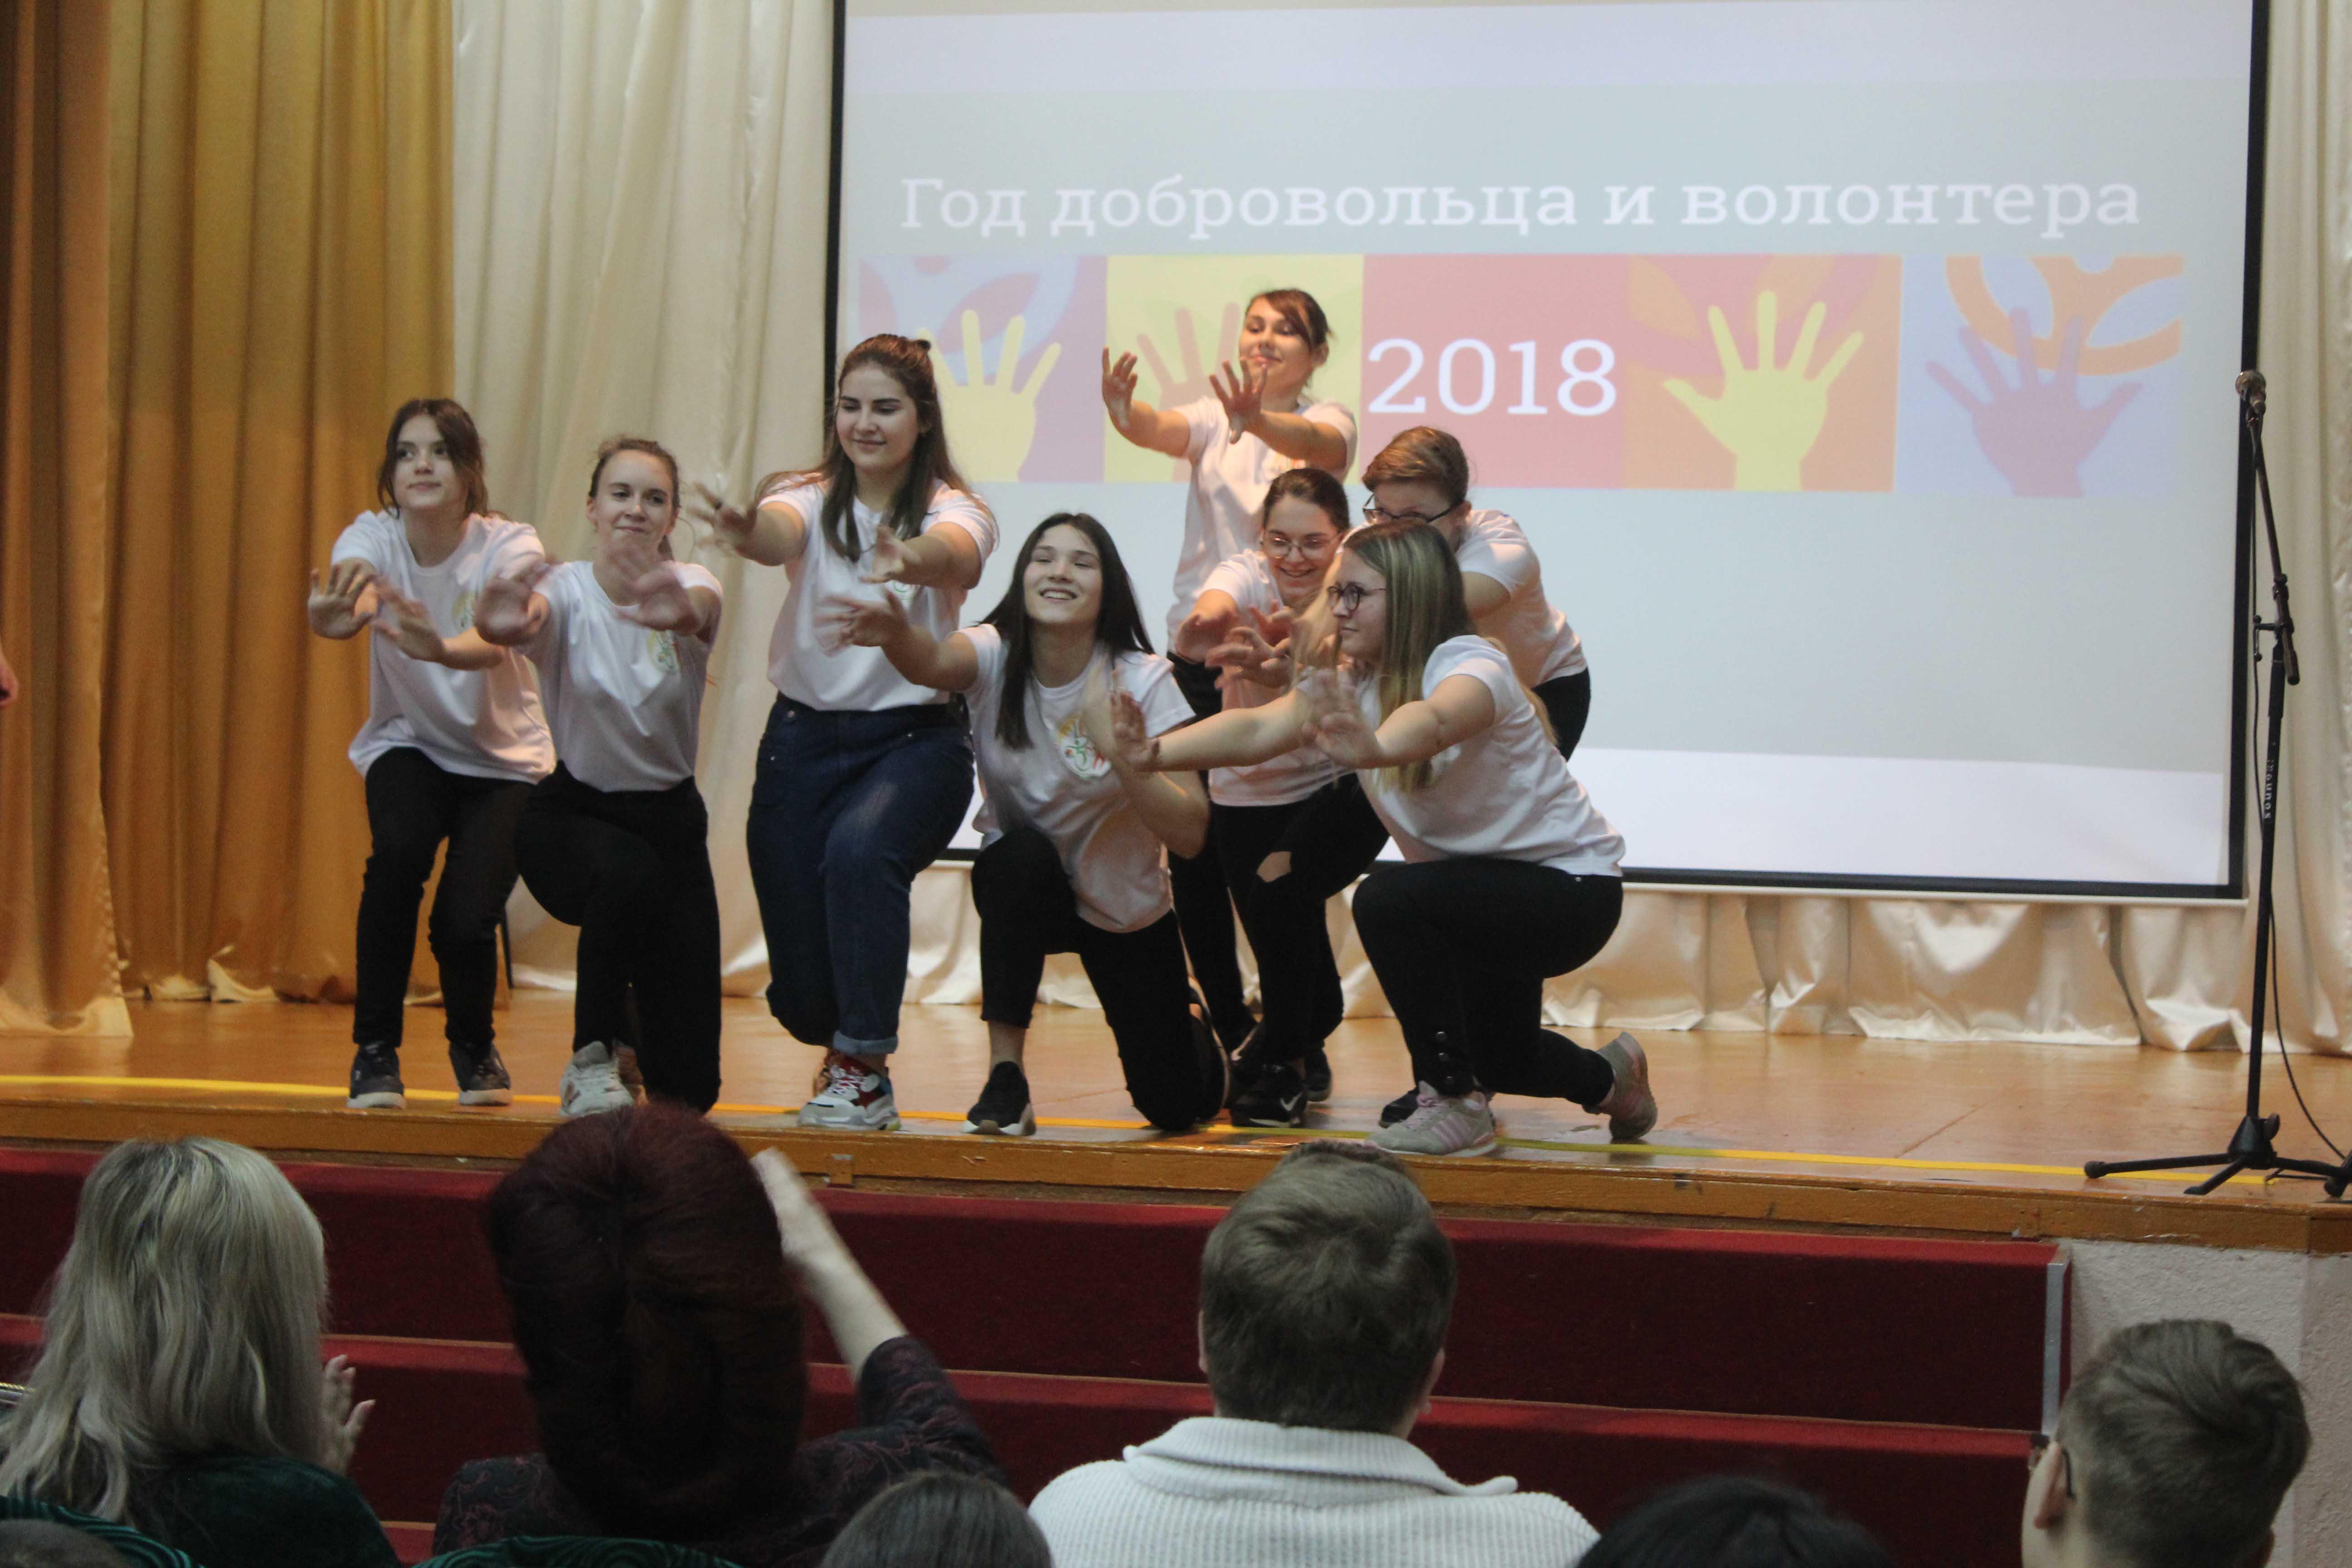 Итоги Года волонтеров 2018